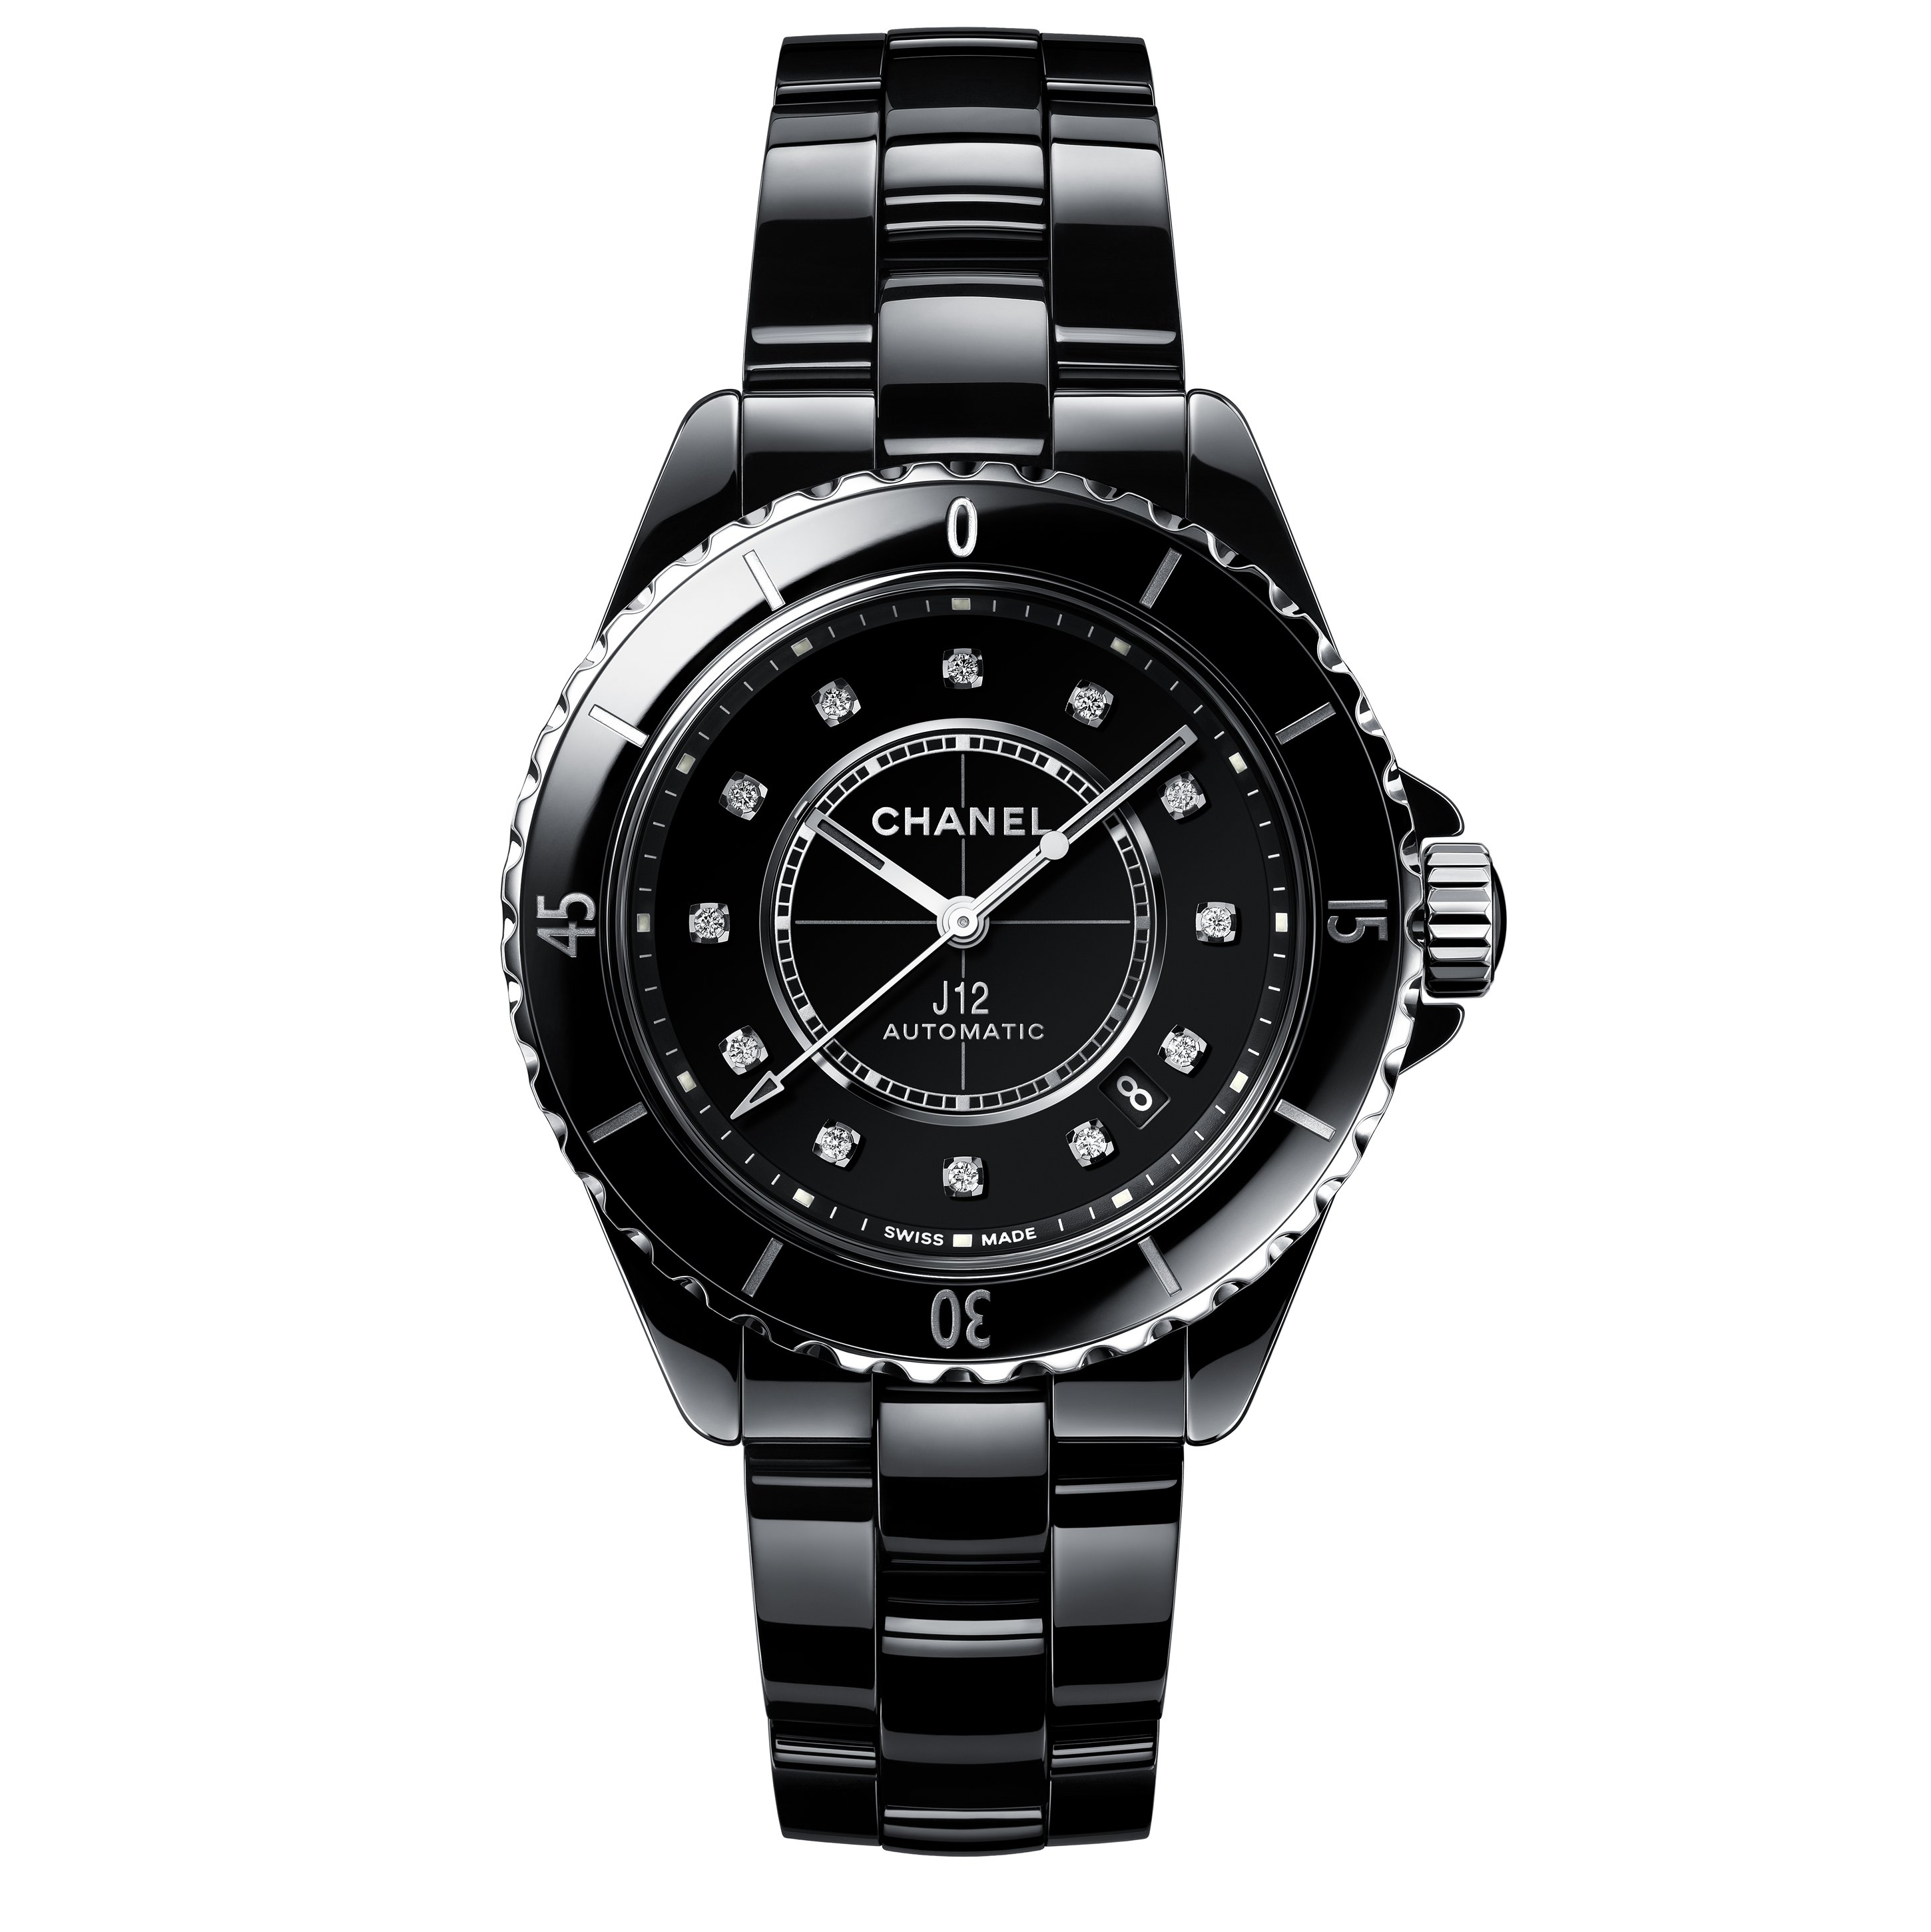 永恆經典─CHANEL 全新 J12 腕錶系列